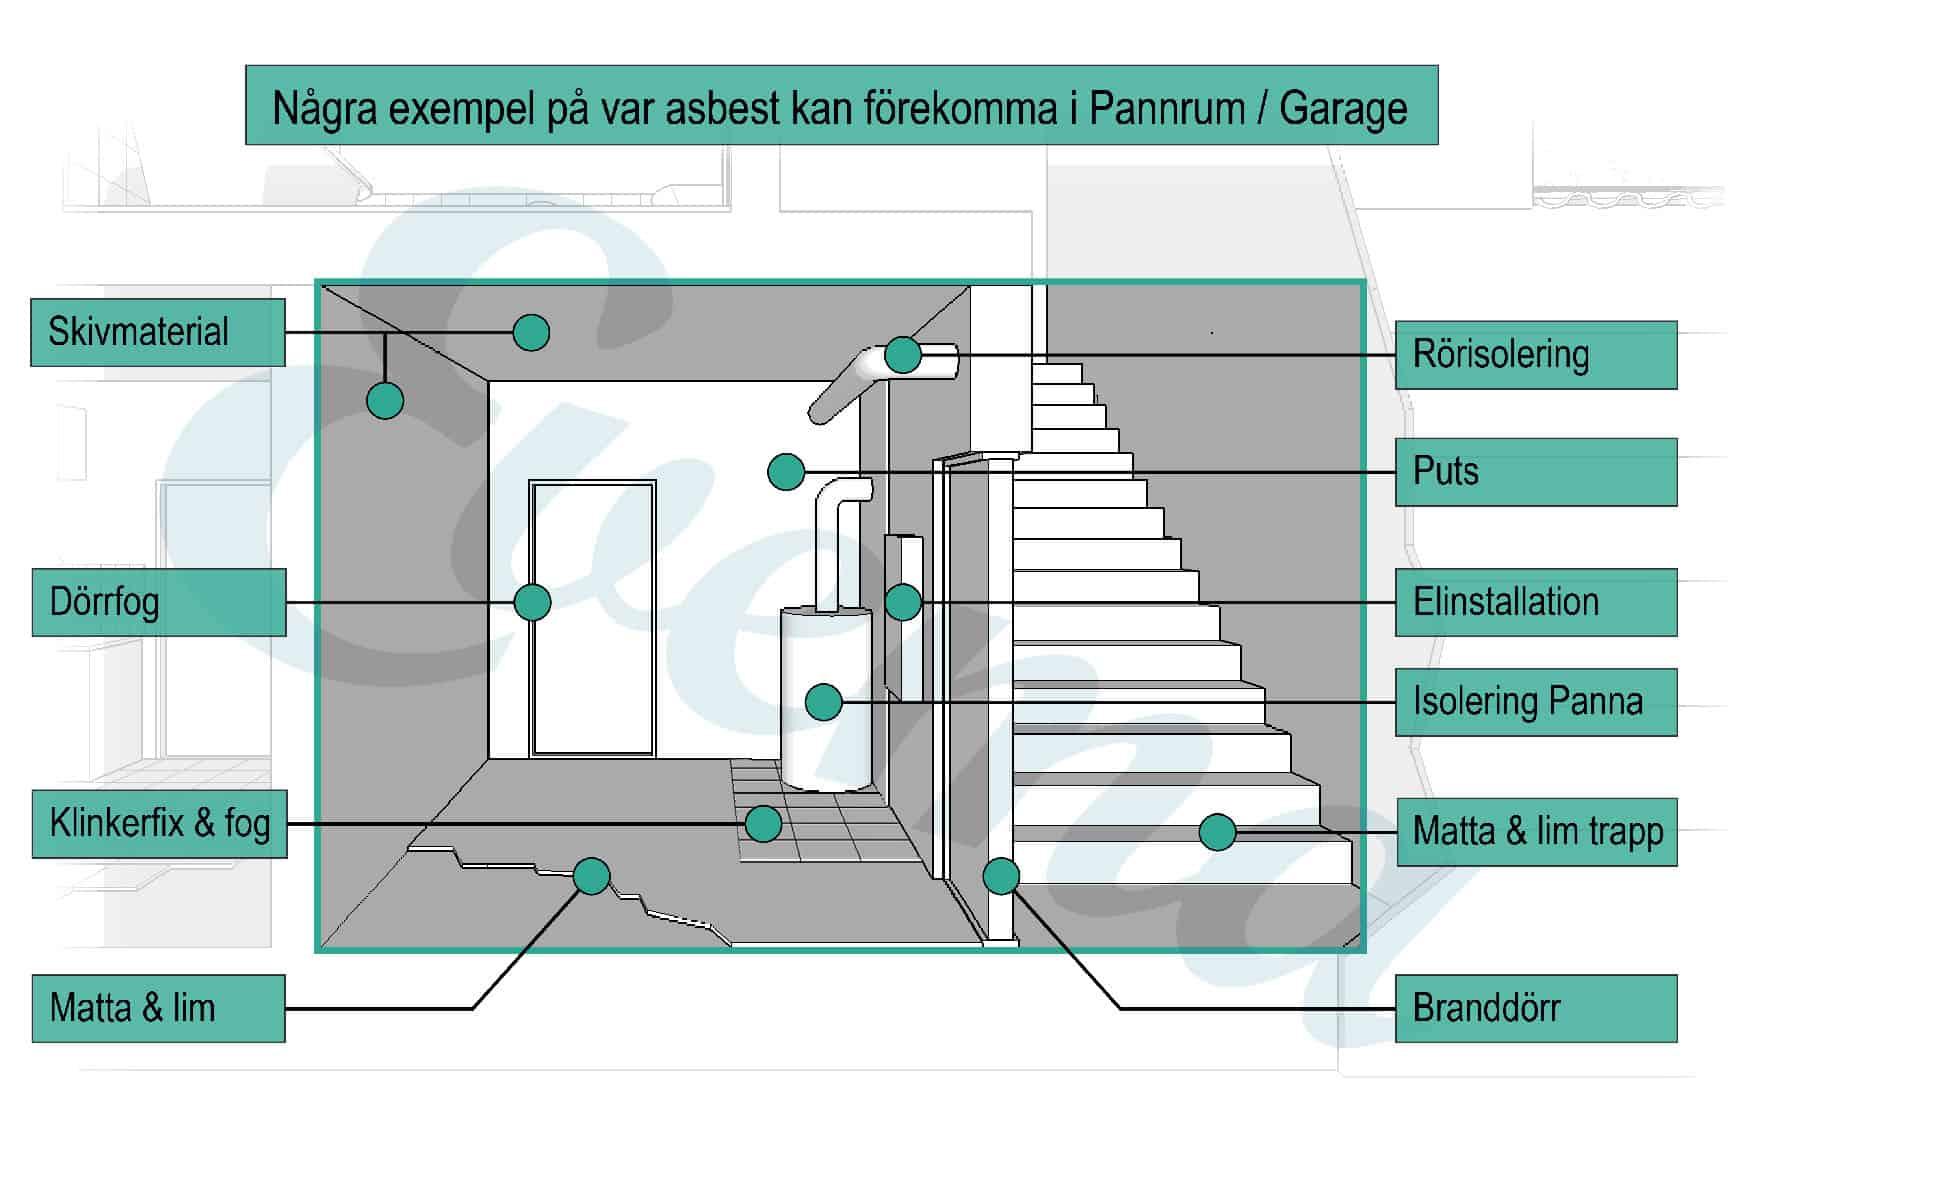 Grafisk bild som visar vart det kan finnas asbest i ett pannrum eller garage